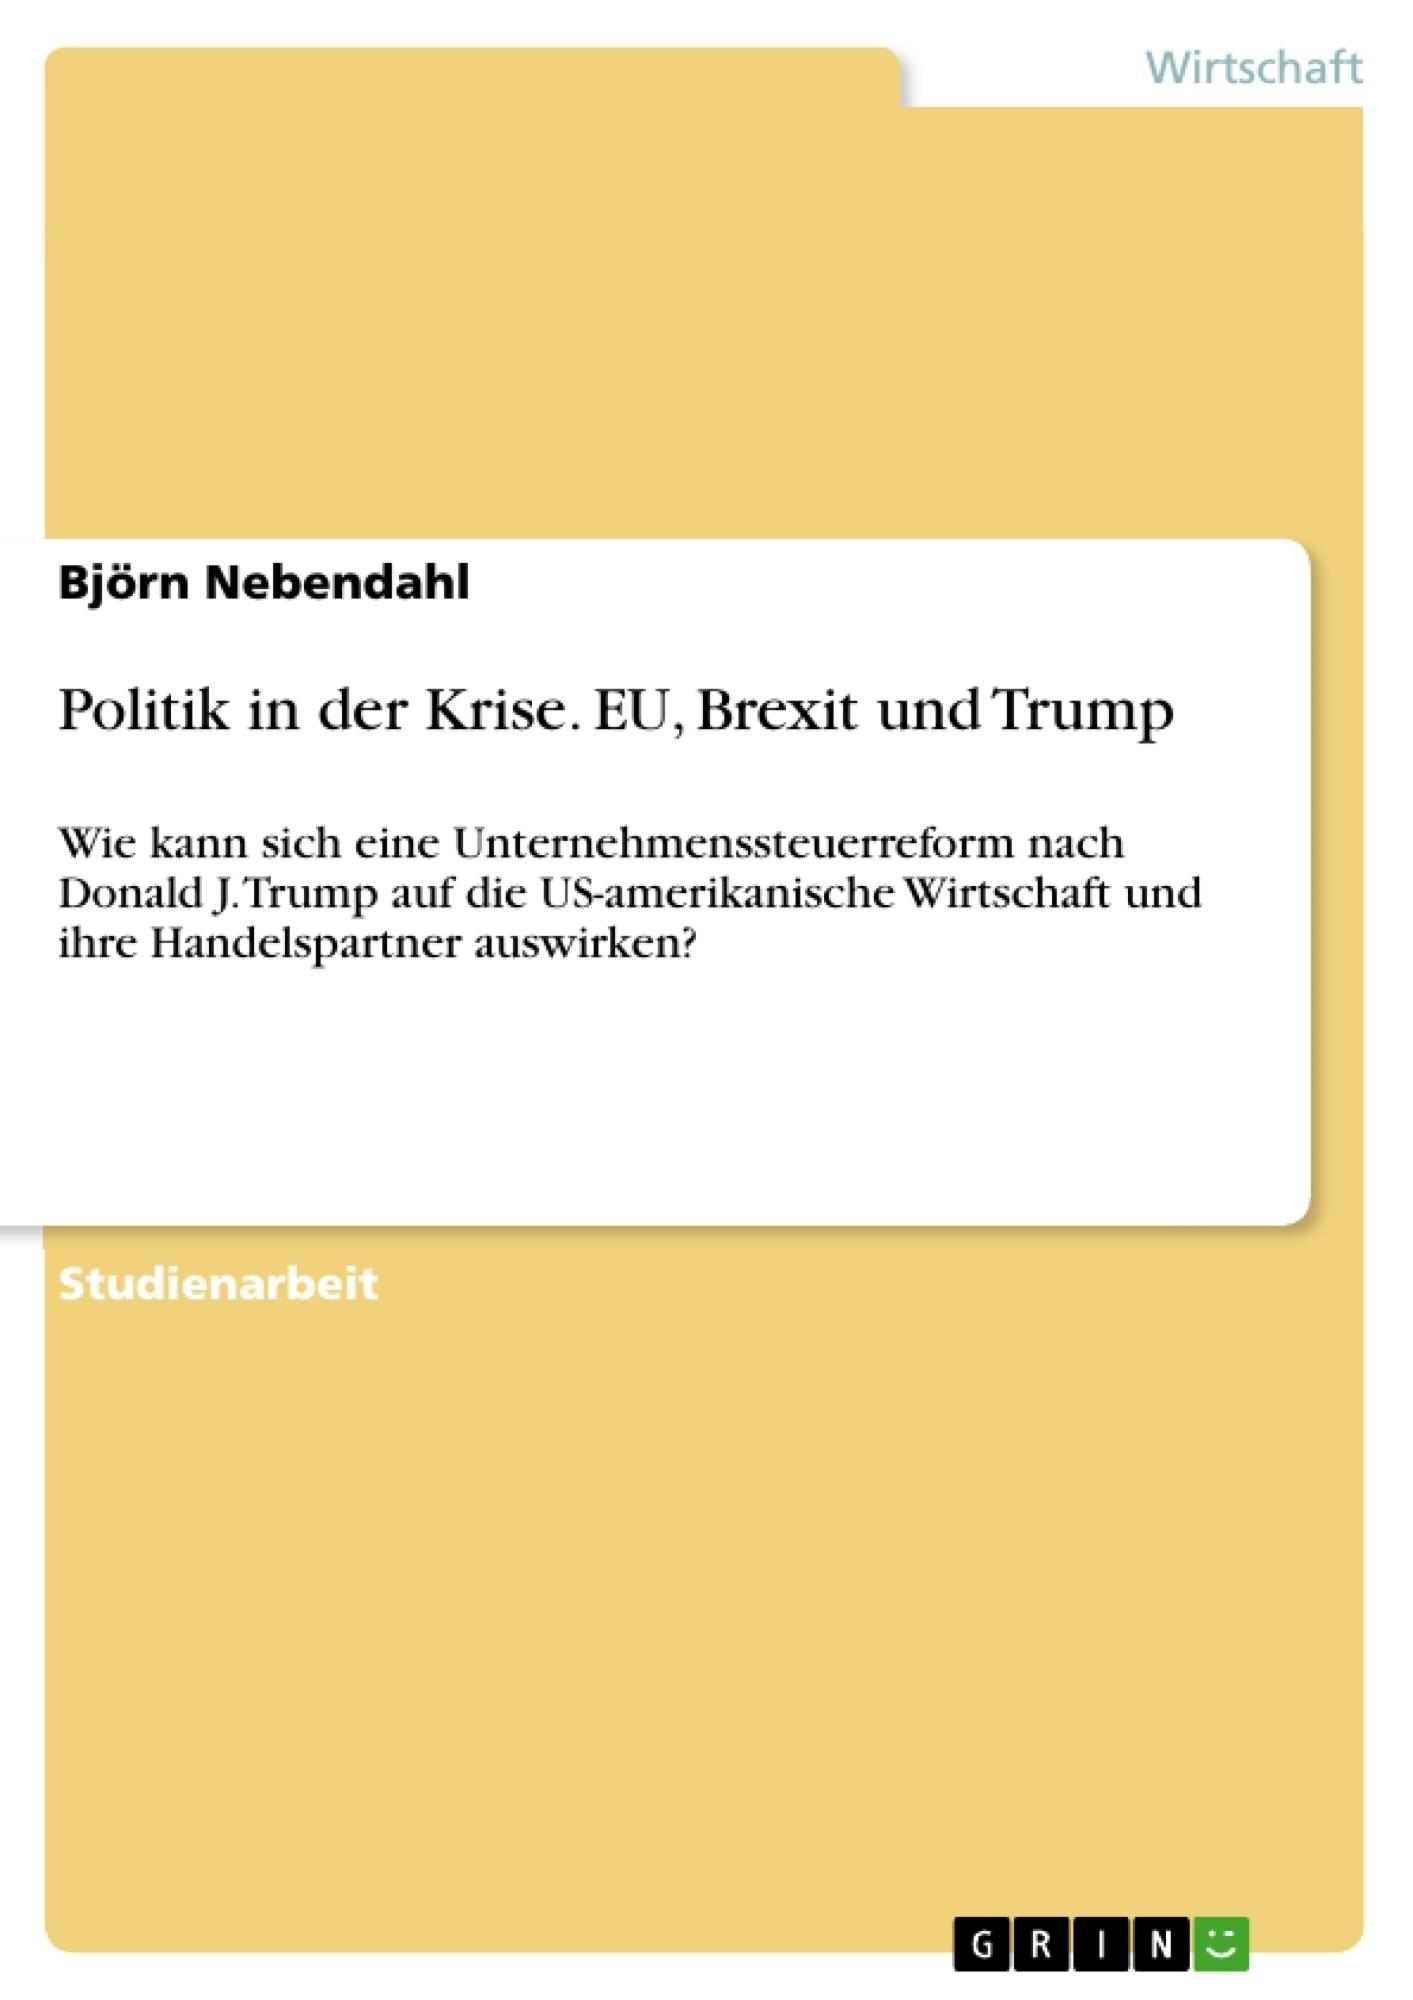 Titel: Politik in der Krise. EU, Brexit und Trump